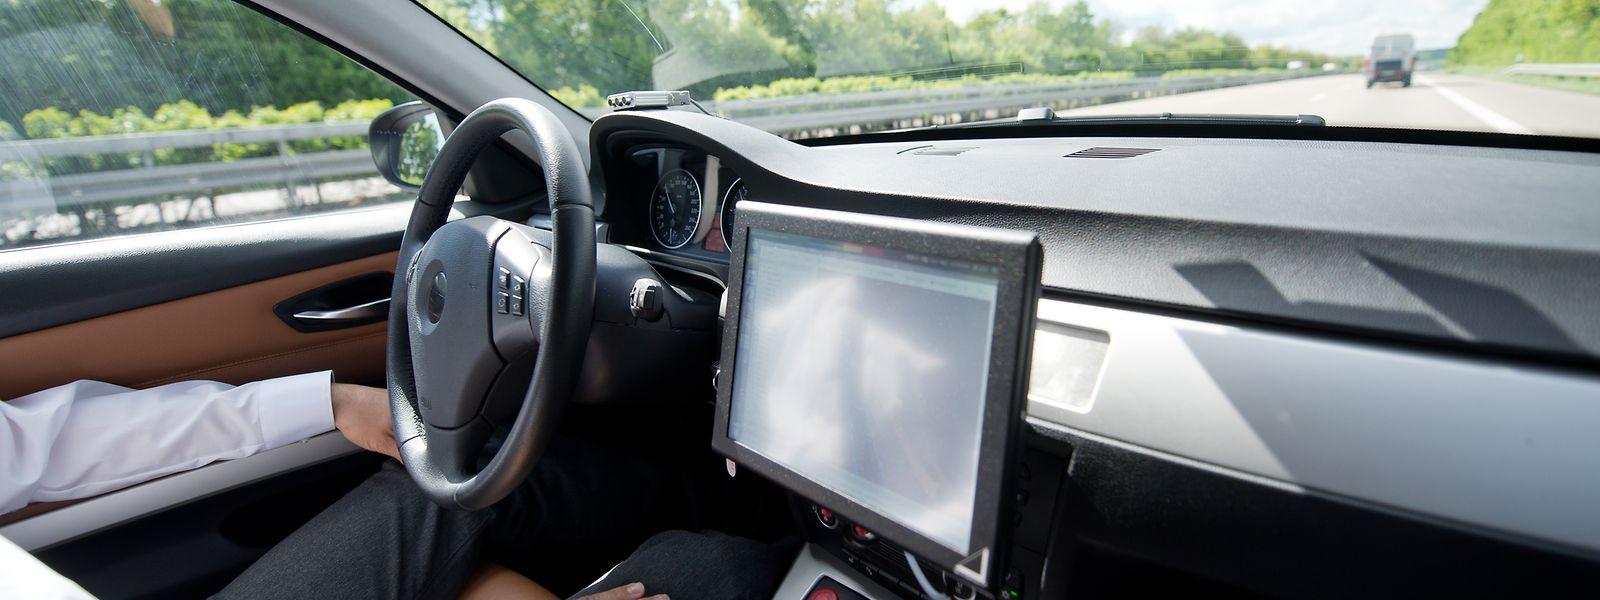 D'ici la fin 2019, des véhicules autonomes circuleront entre Allemagne, France et Luxembourg pour une phase test.